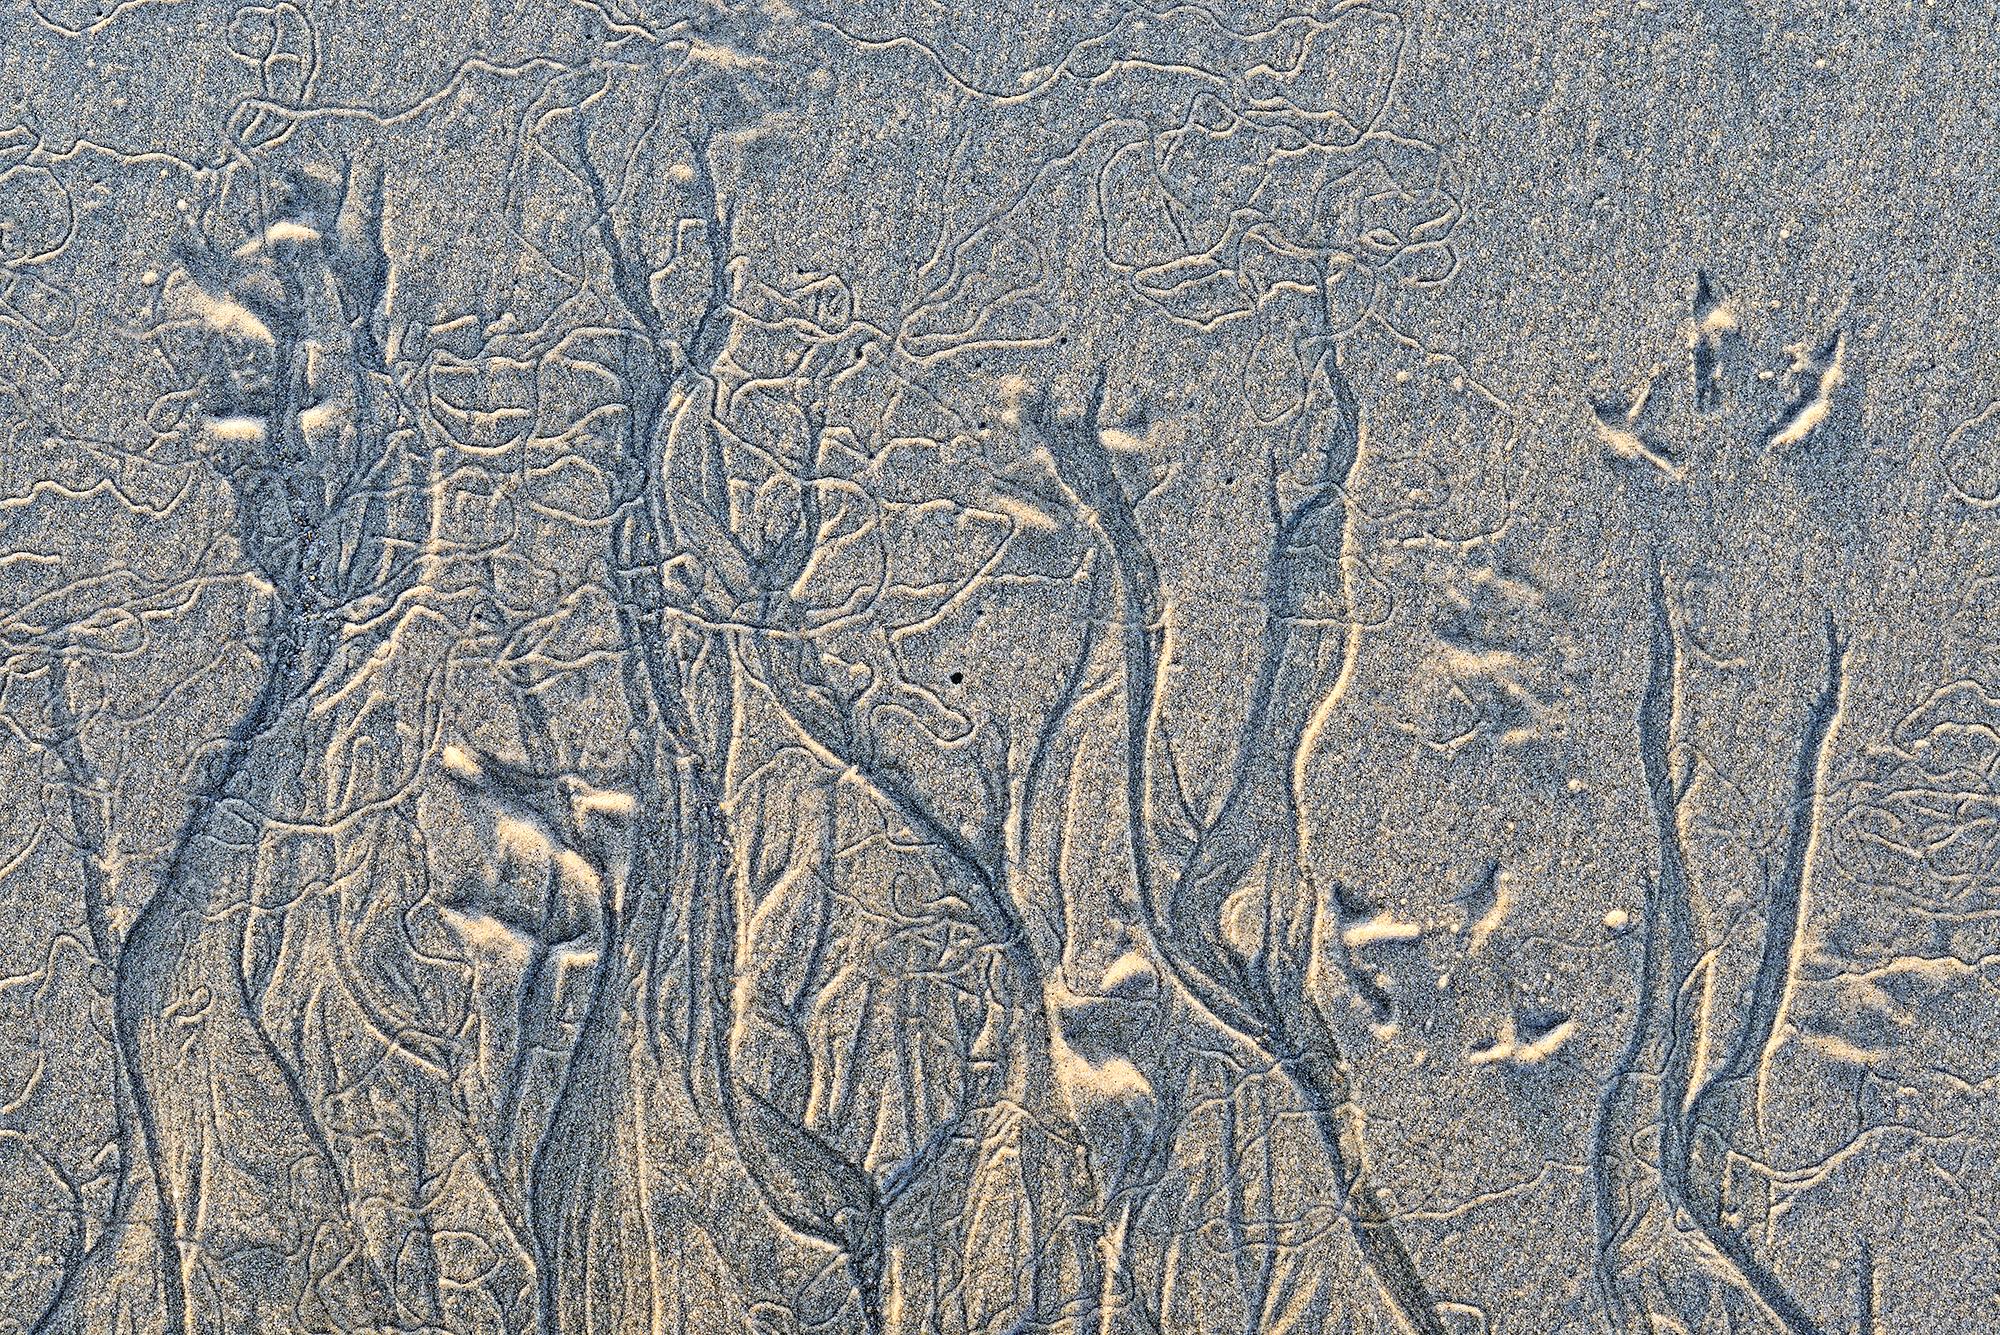 Pootafdrukken van vogel en slingerende zandpatronen langs de vloedlijn tijdens laagwater op het strand van Hargen aan Zee